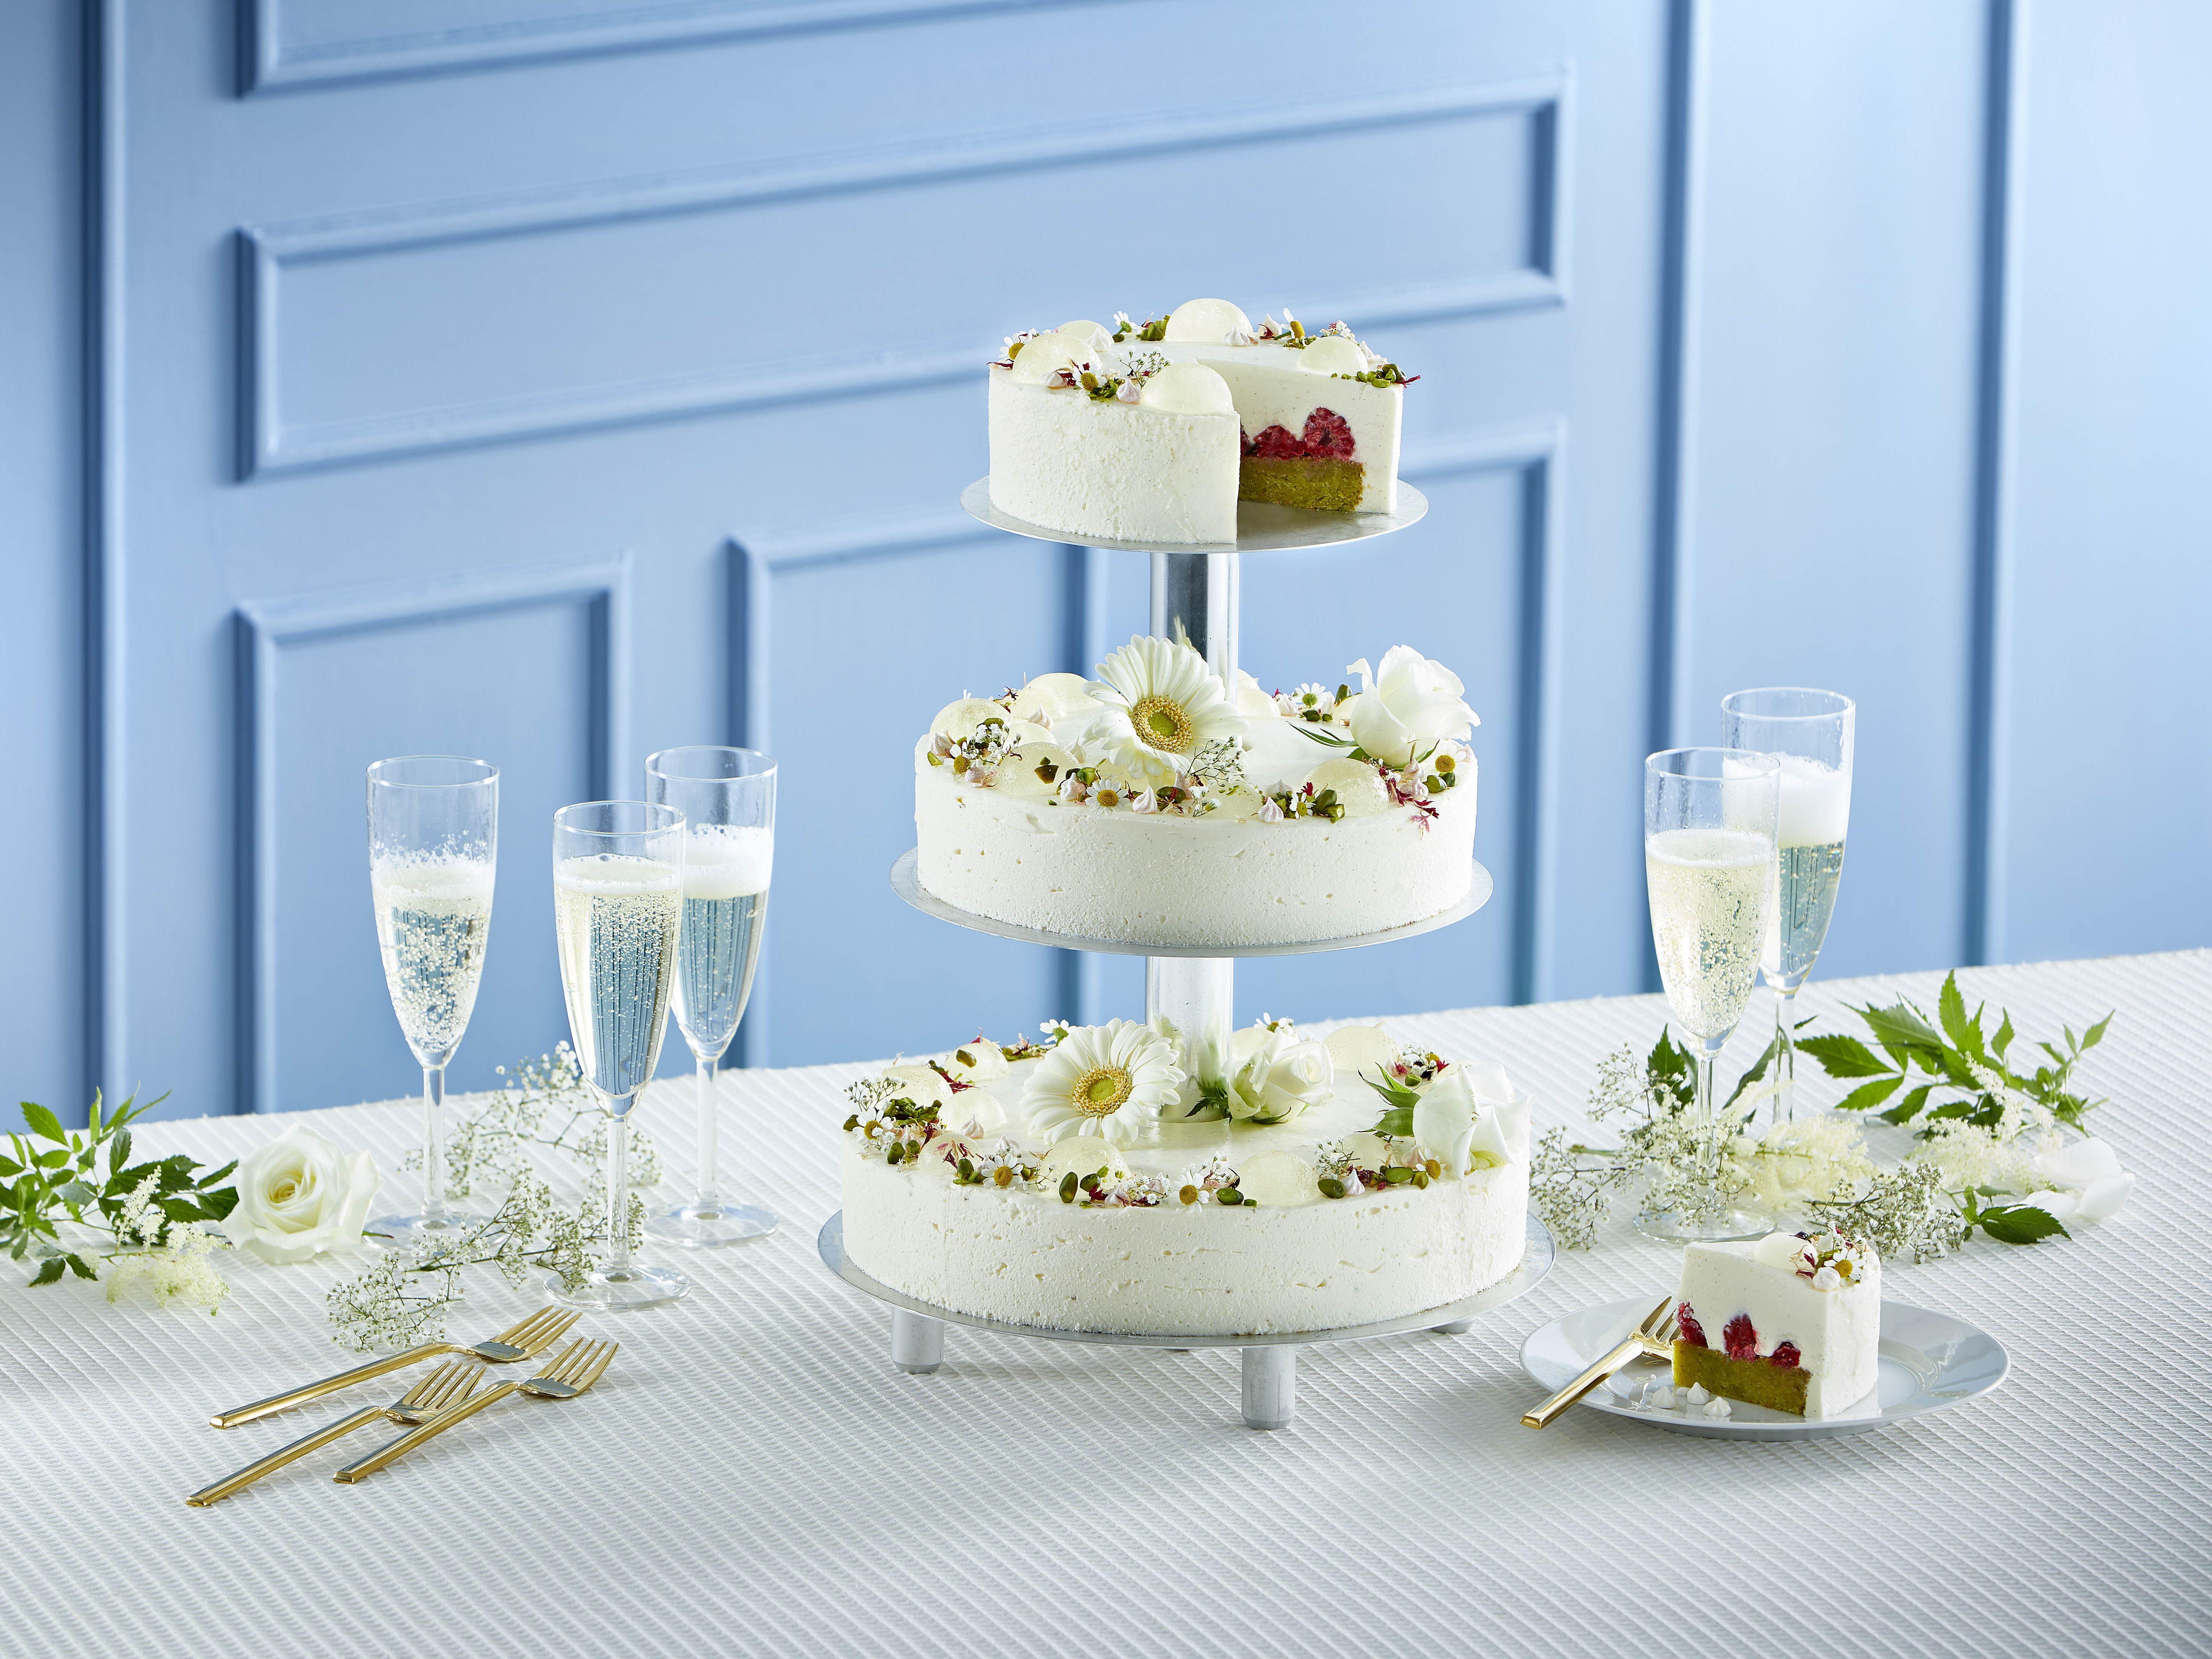 Bryllupskage med vaniljefromage og champagnebomber